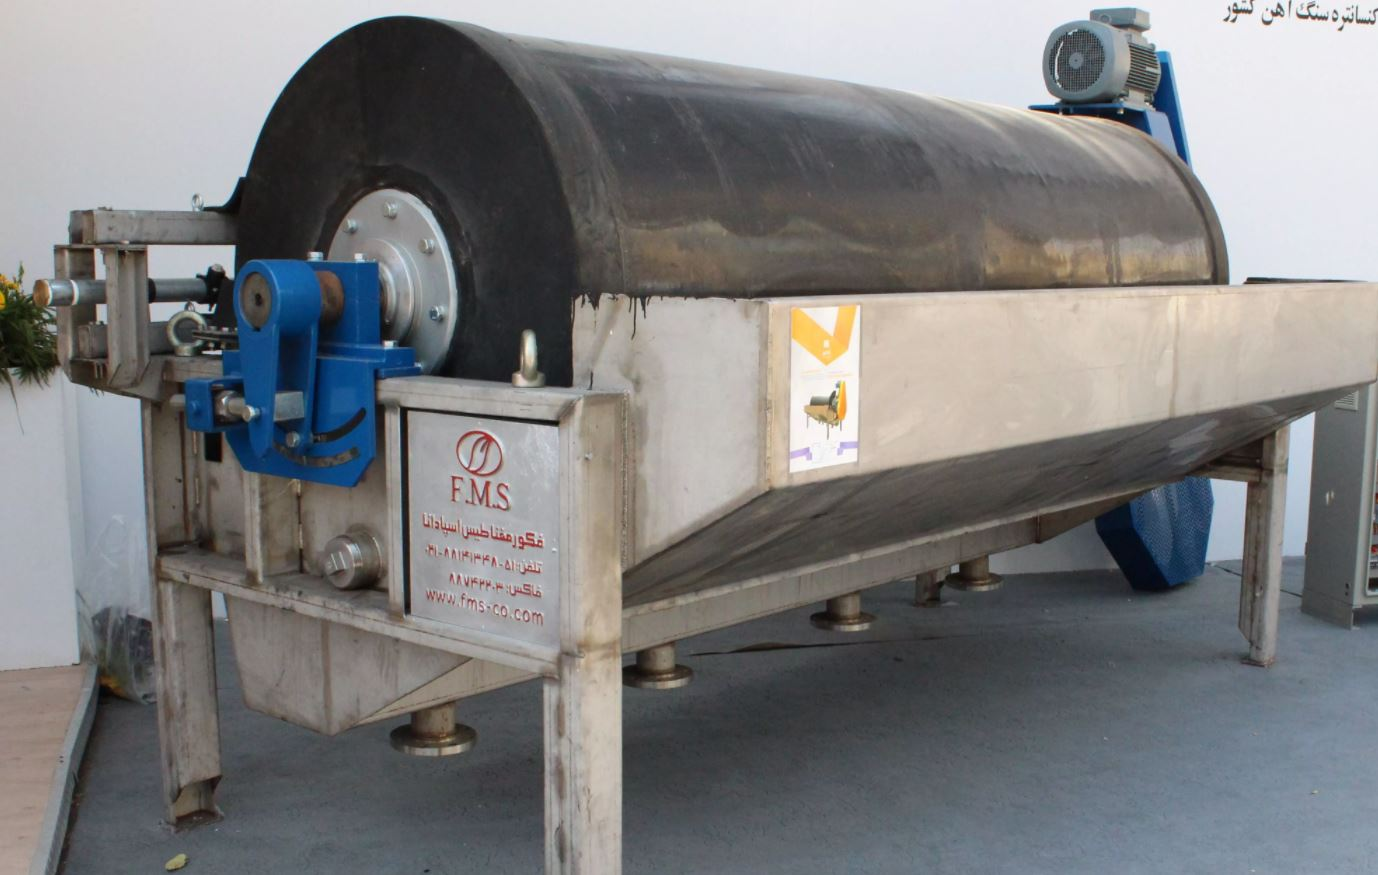 جلسه هفتگی استانداردسازی فرآیند در کارخانههای مجتمع صنعتی و معدنی گل گهر: بازرسی فرآیندی جداکنندههای مغناطیسی تر خطوط تولید کنسانتره ۶،۵و۷ (بخش دوم)